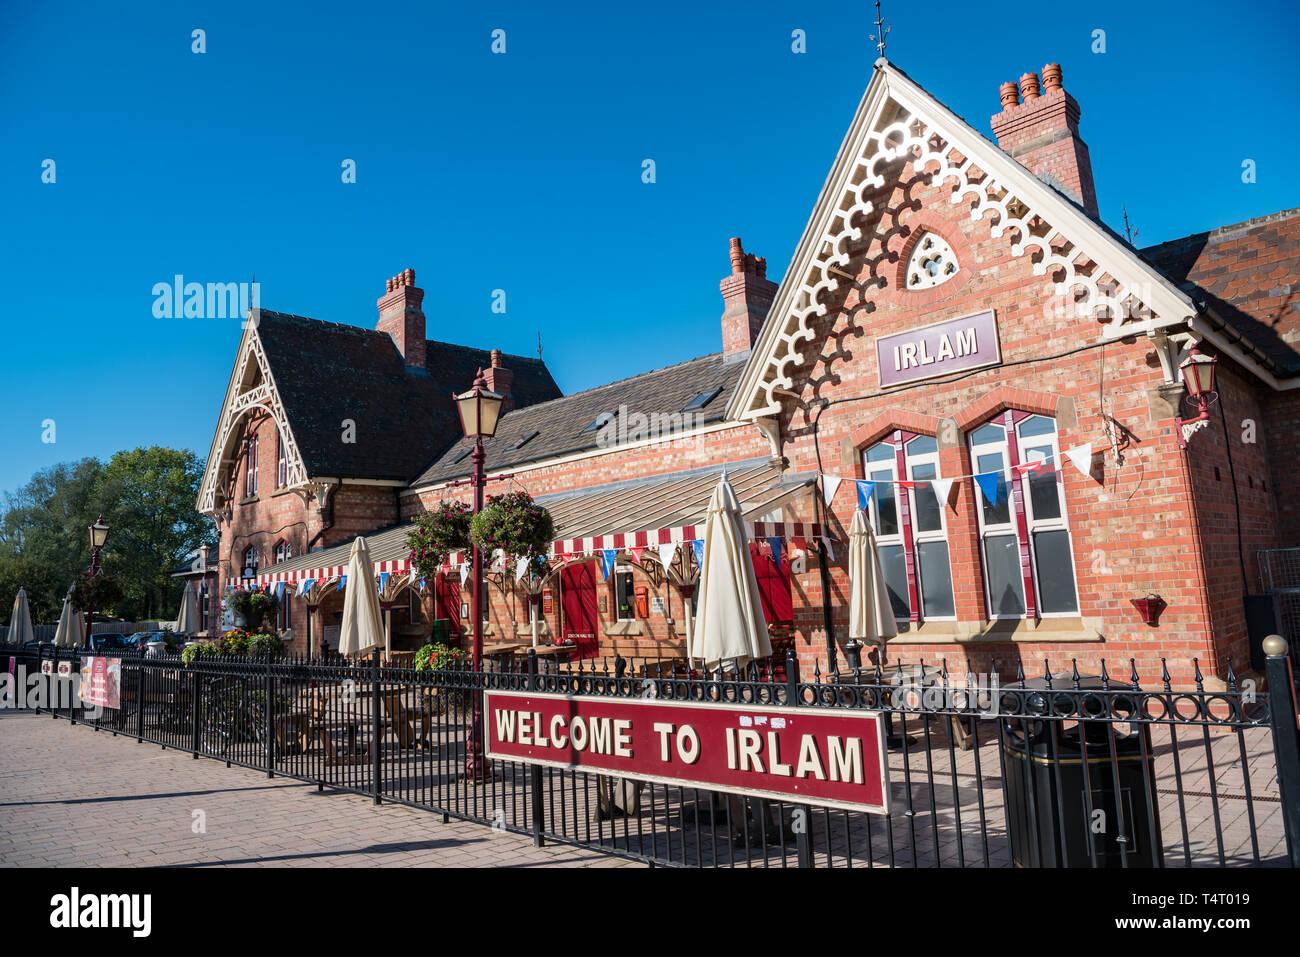 Irlam Railway Station, Irlam, Manchester - Stock Image